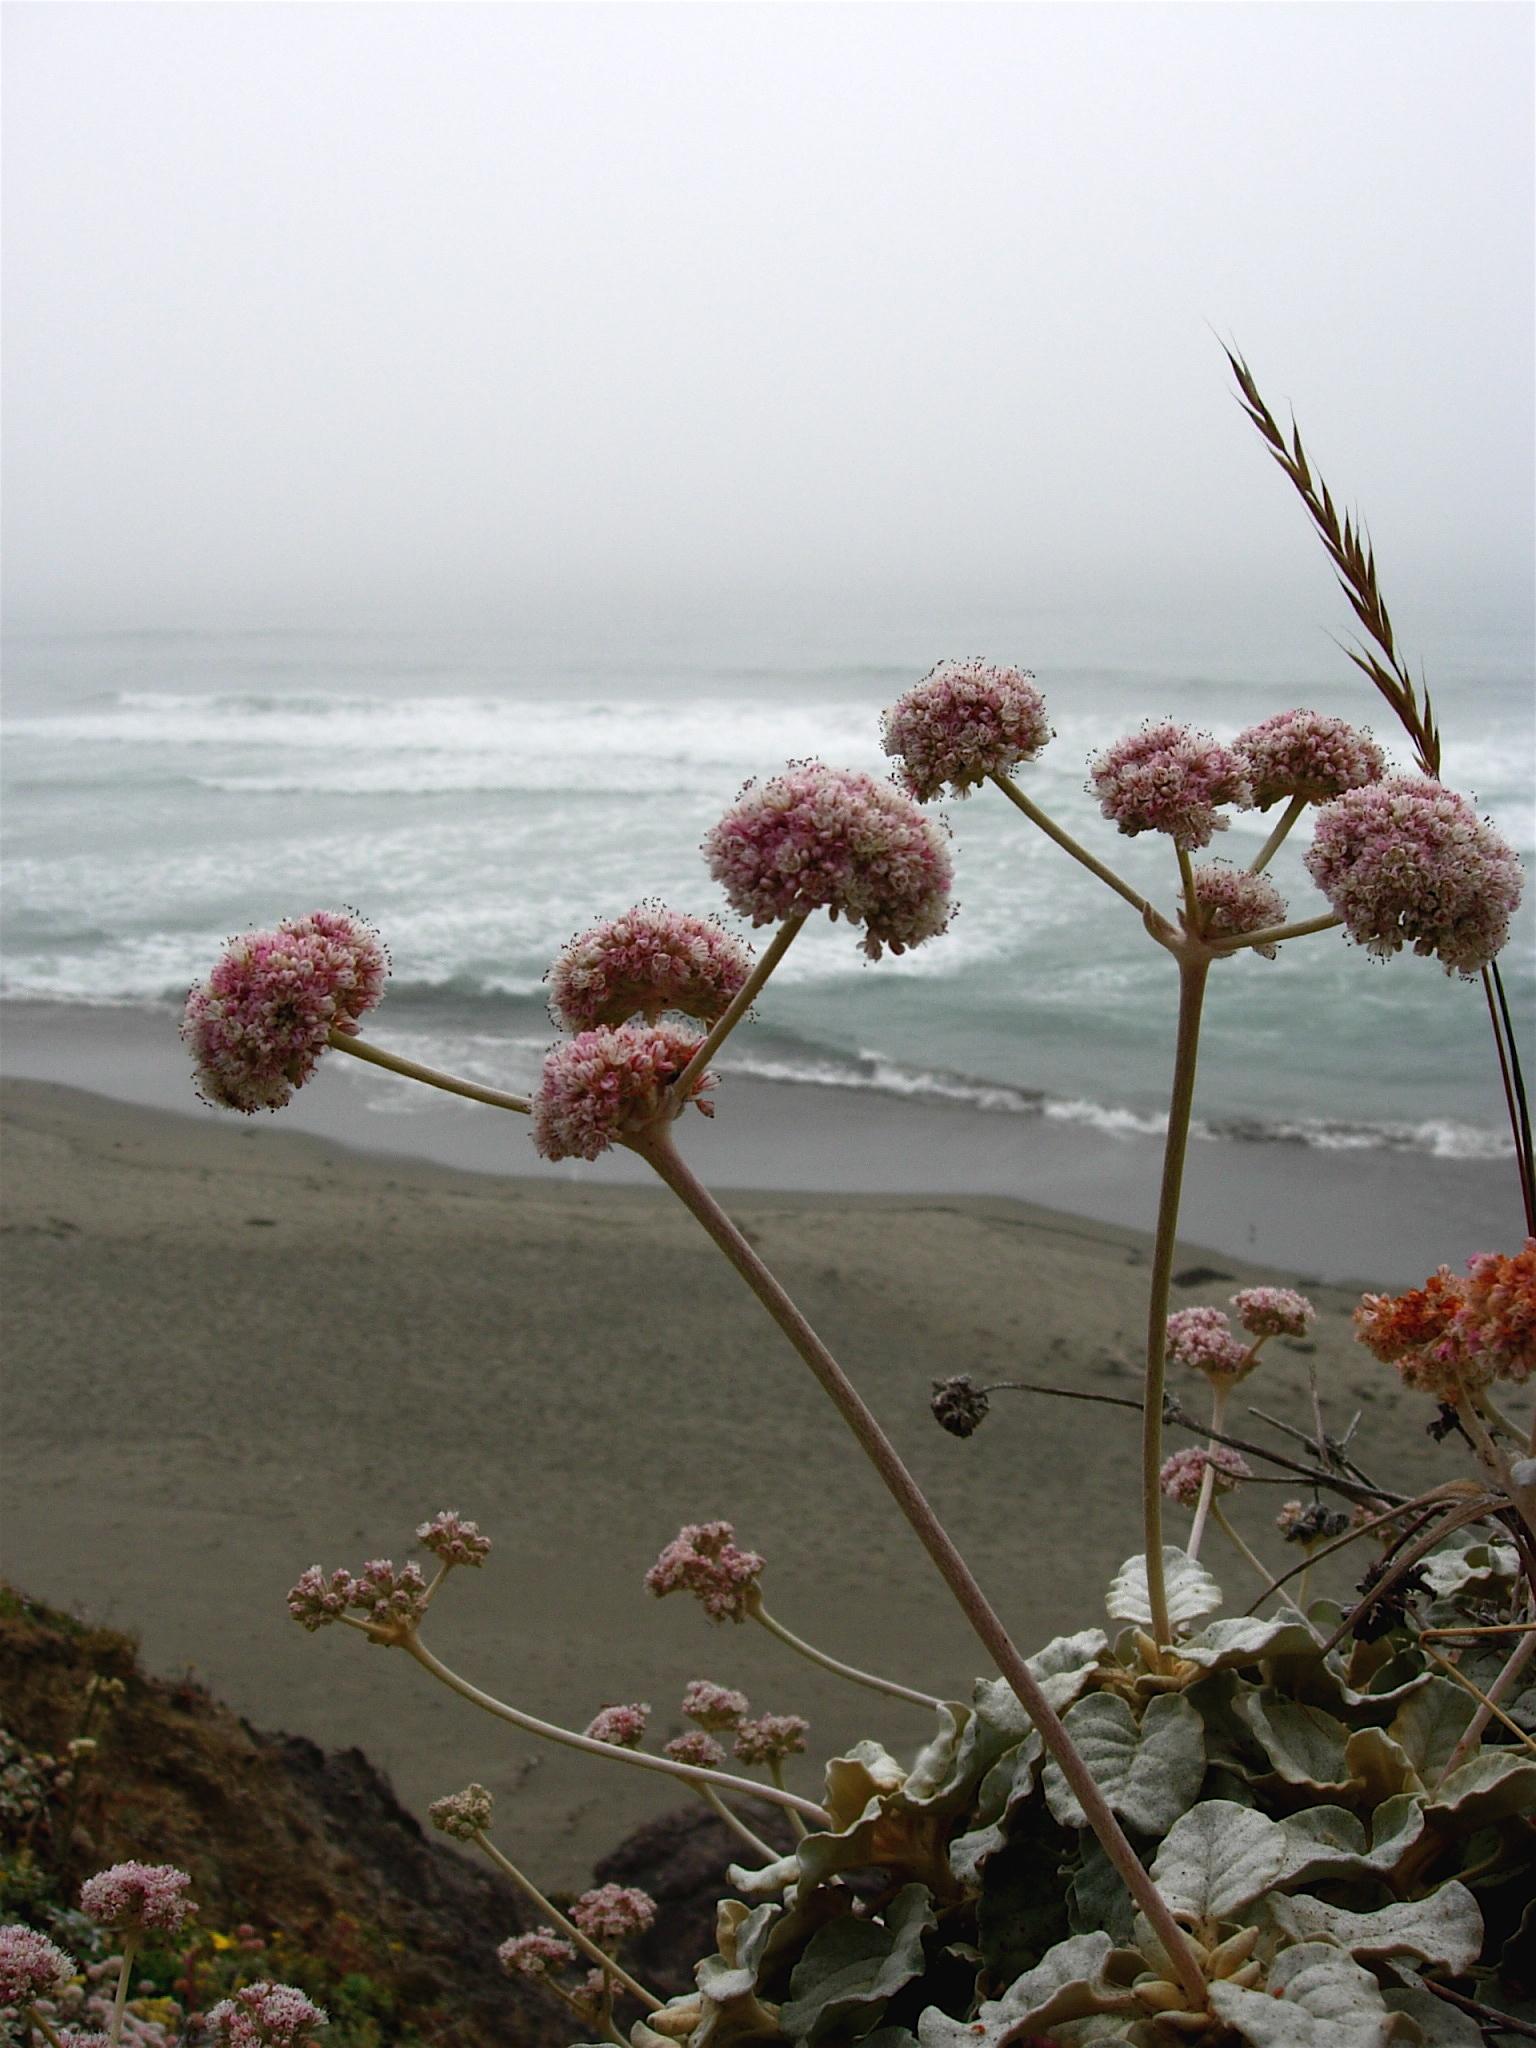 Image of seaside buckwheat